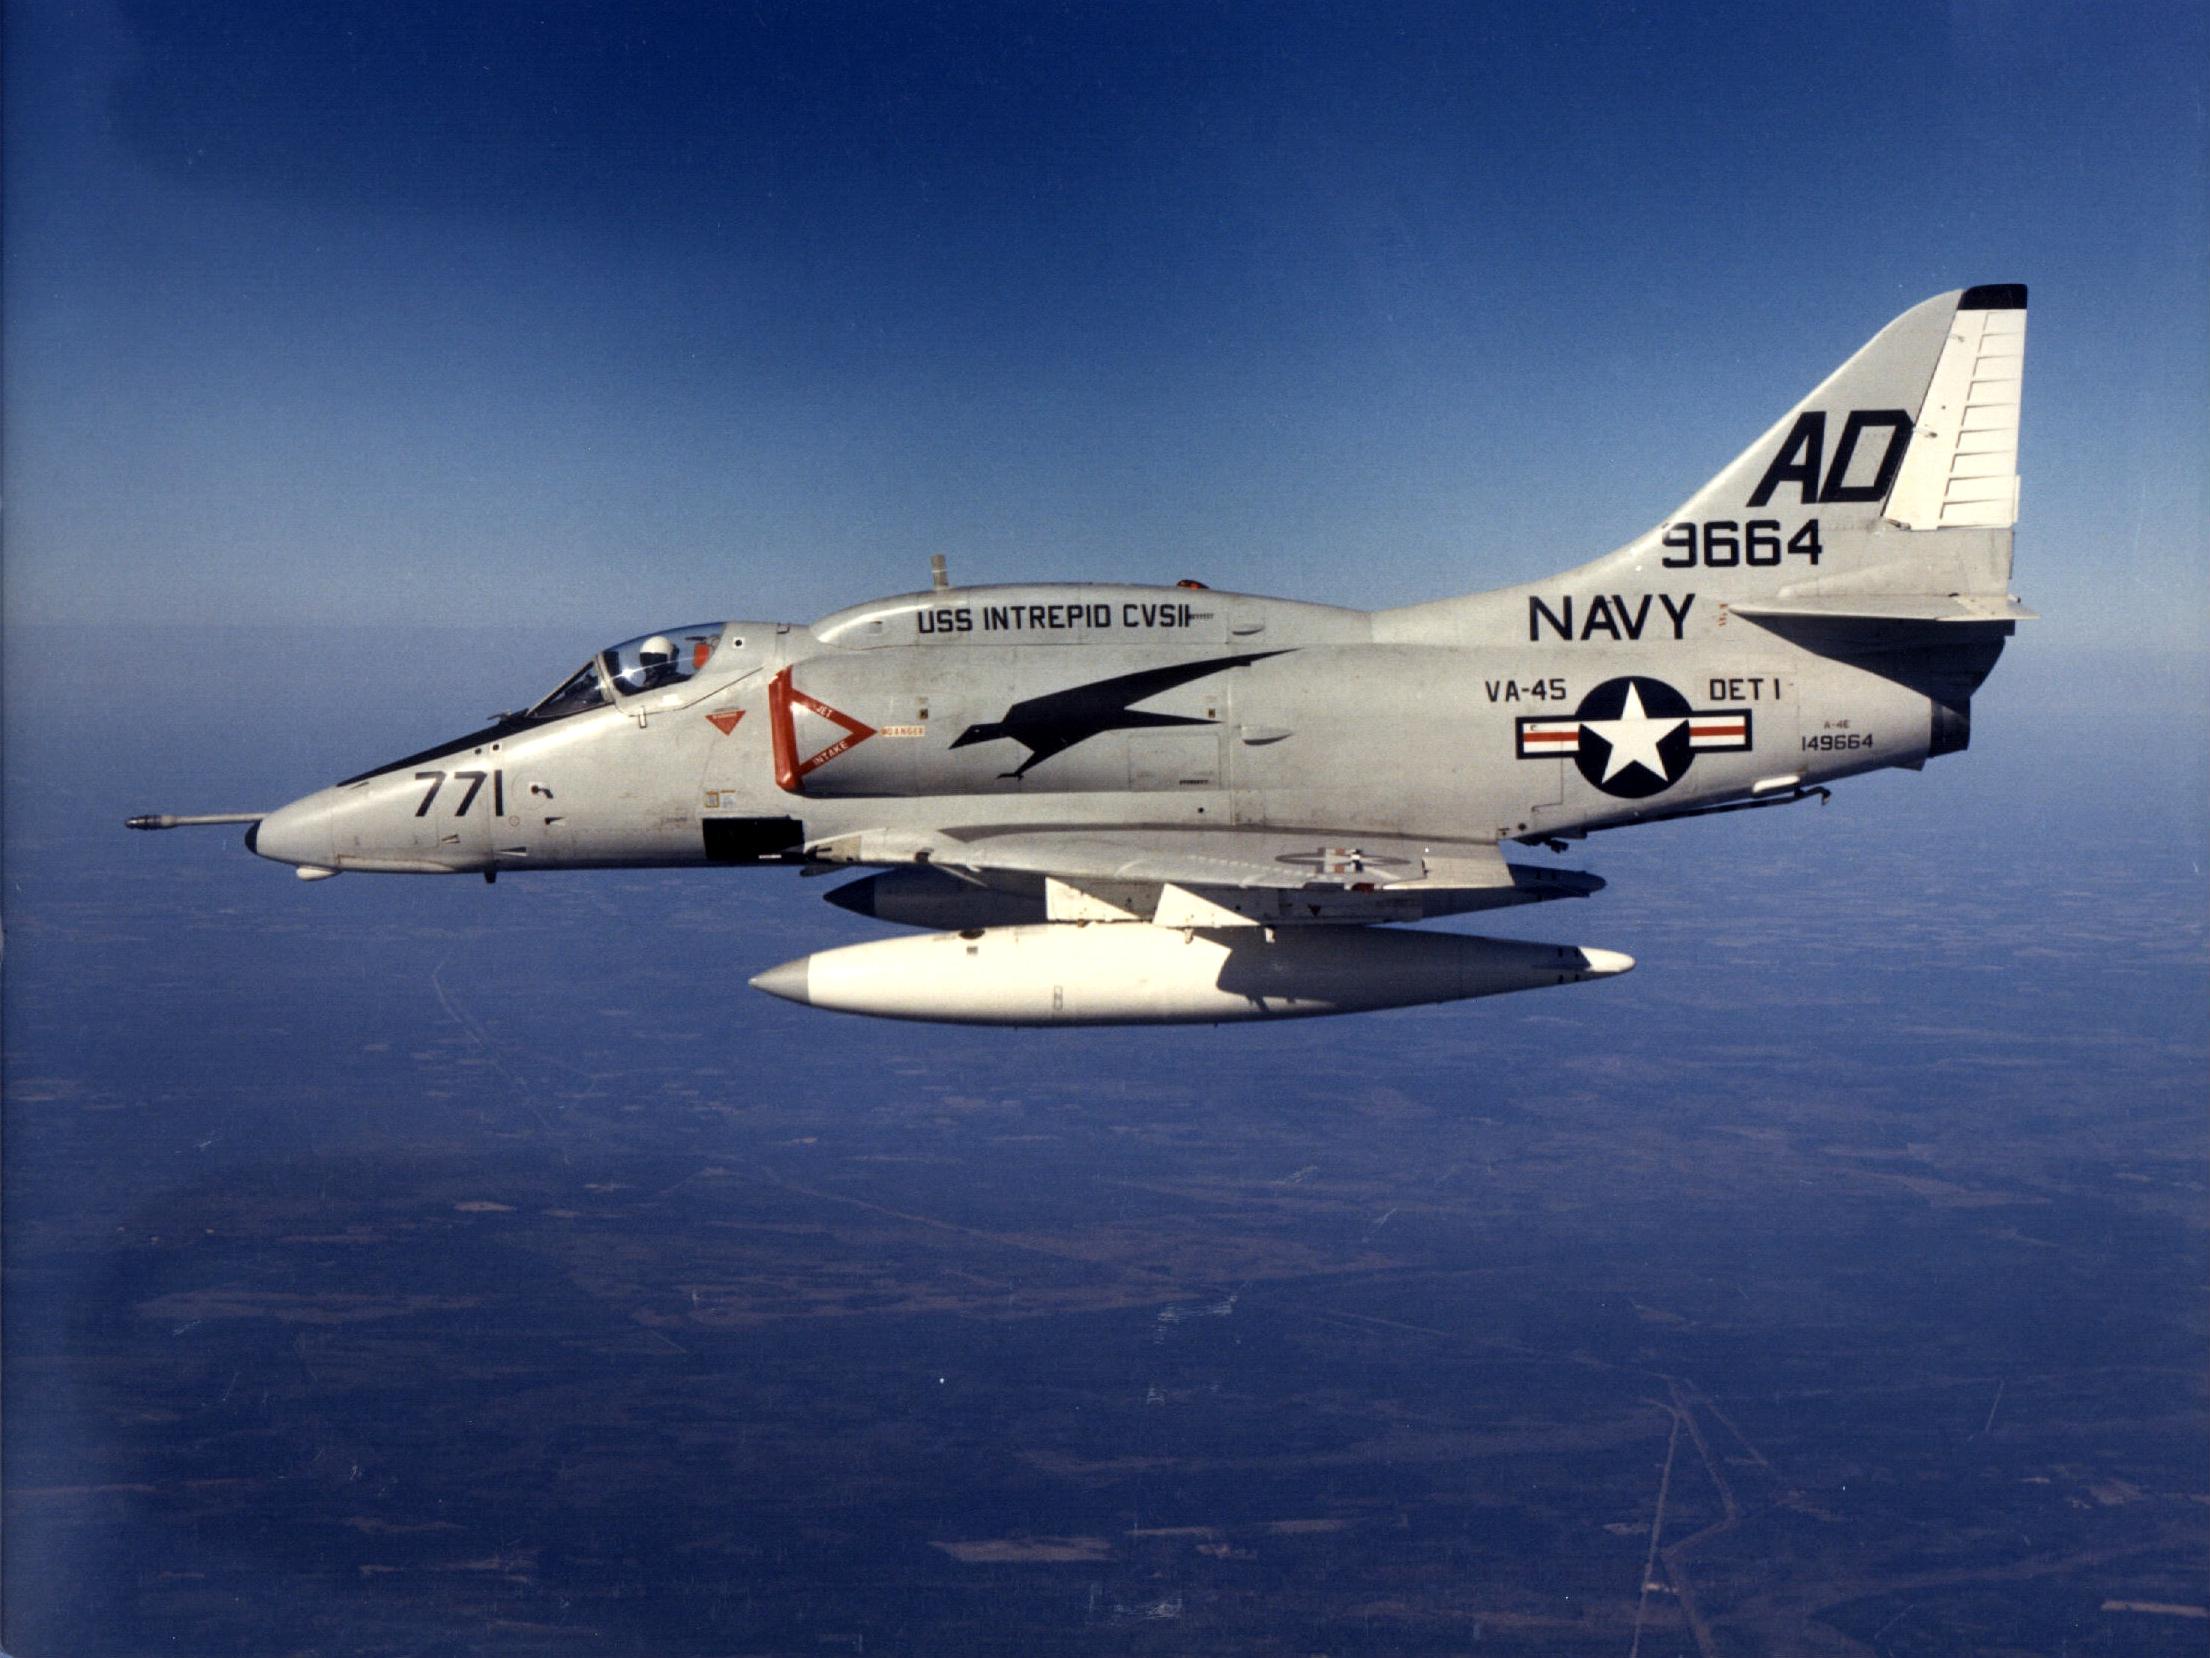 A-4E_Skyhawk_from_VA-45_in_flight_in_197